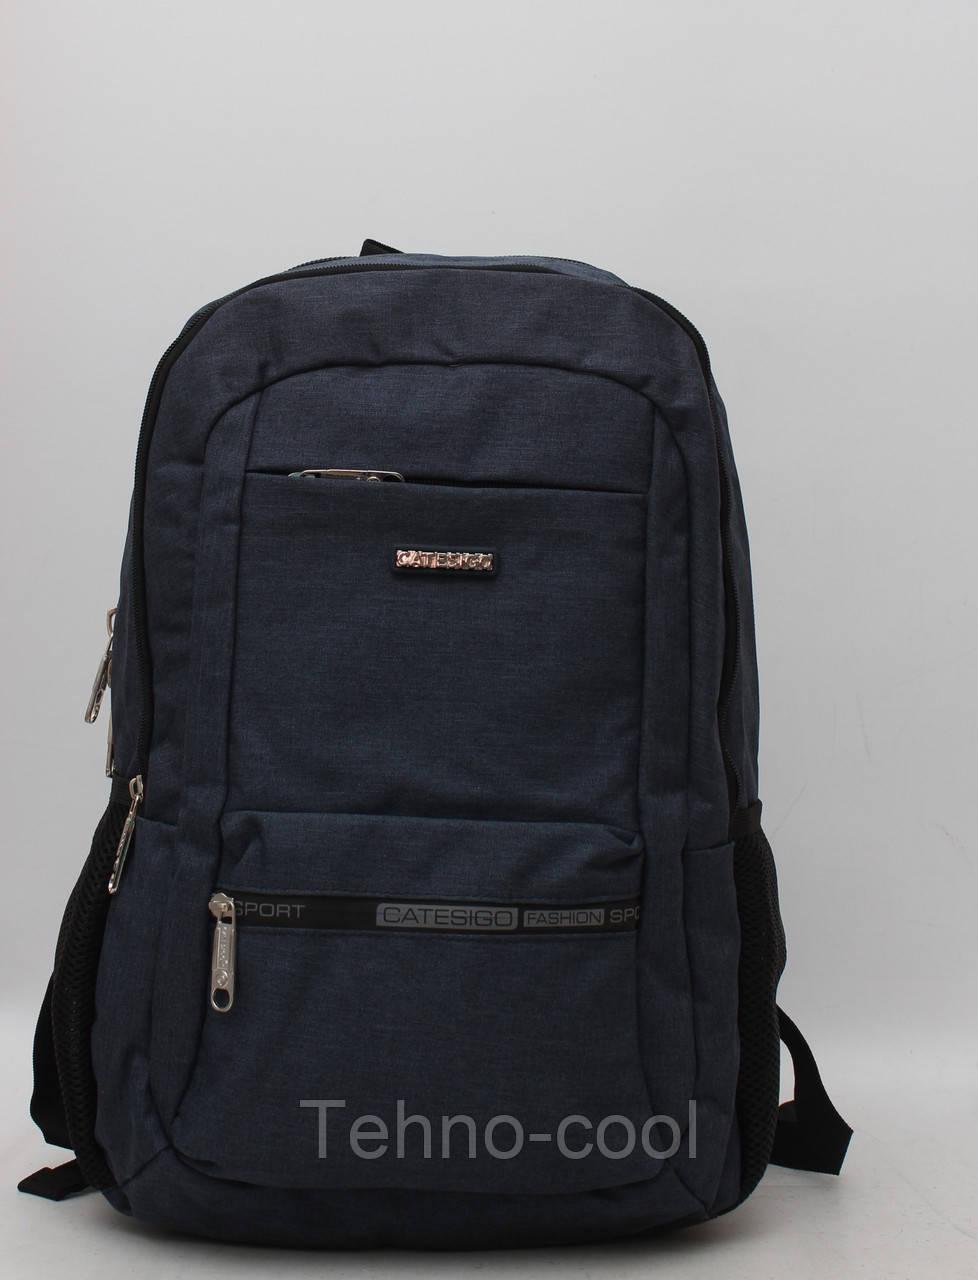 Мужской городской рюкзак с отделом для ноутбука  продажа, цена в ... 93952846cb2